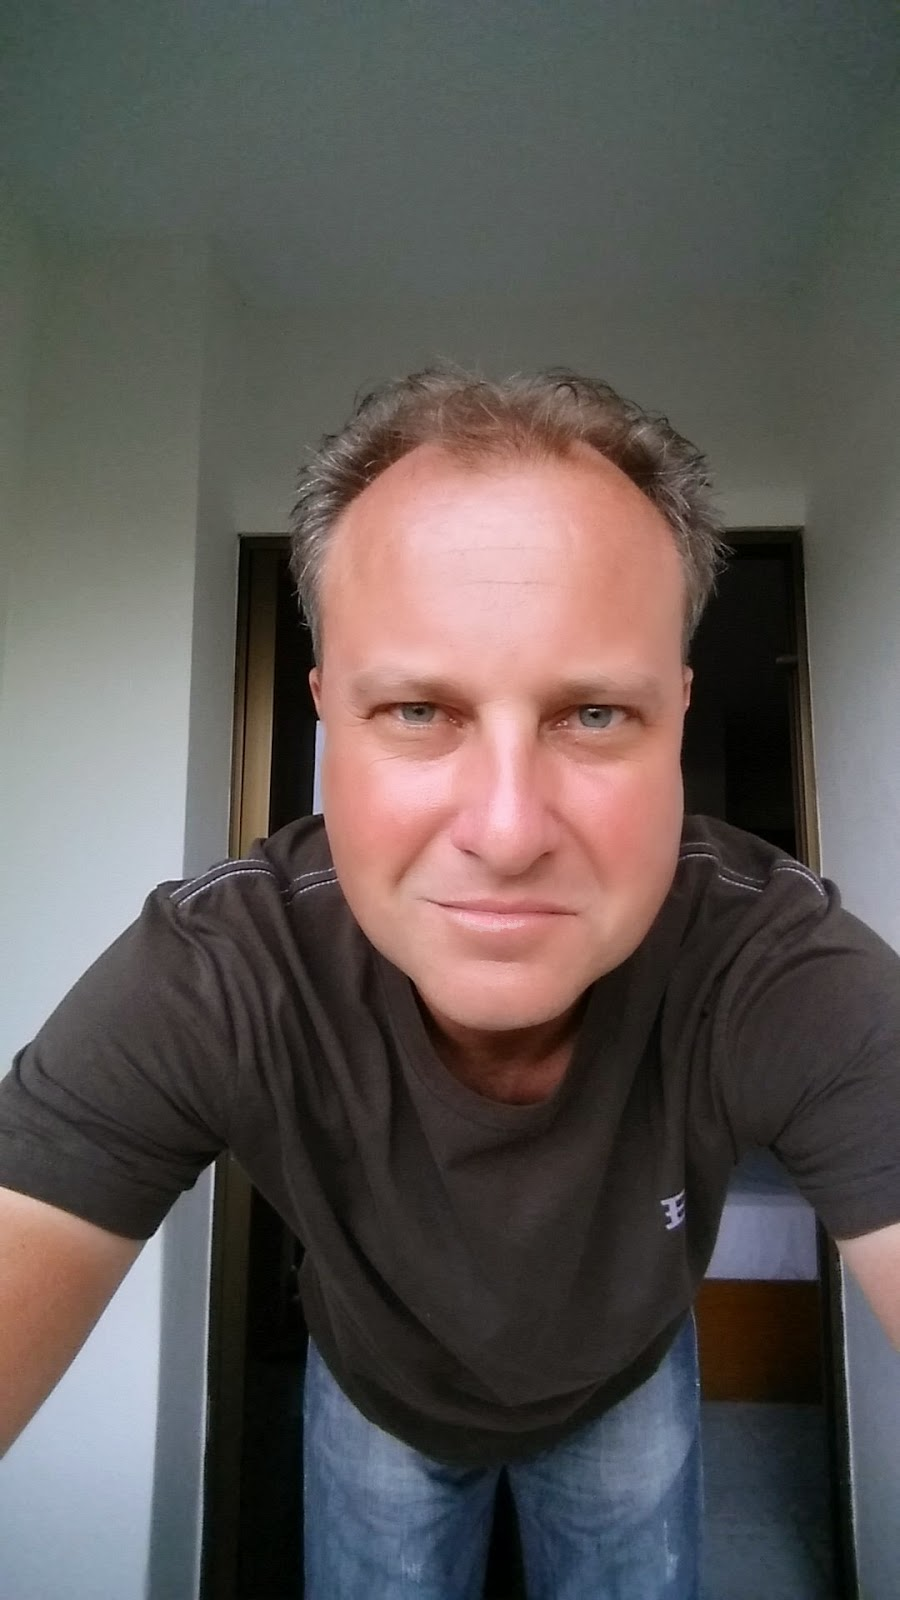 Thorsten Kruse